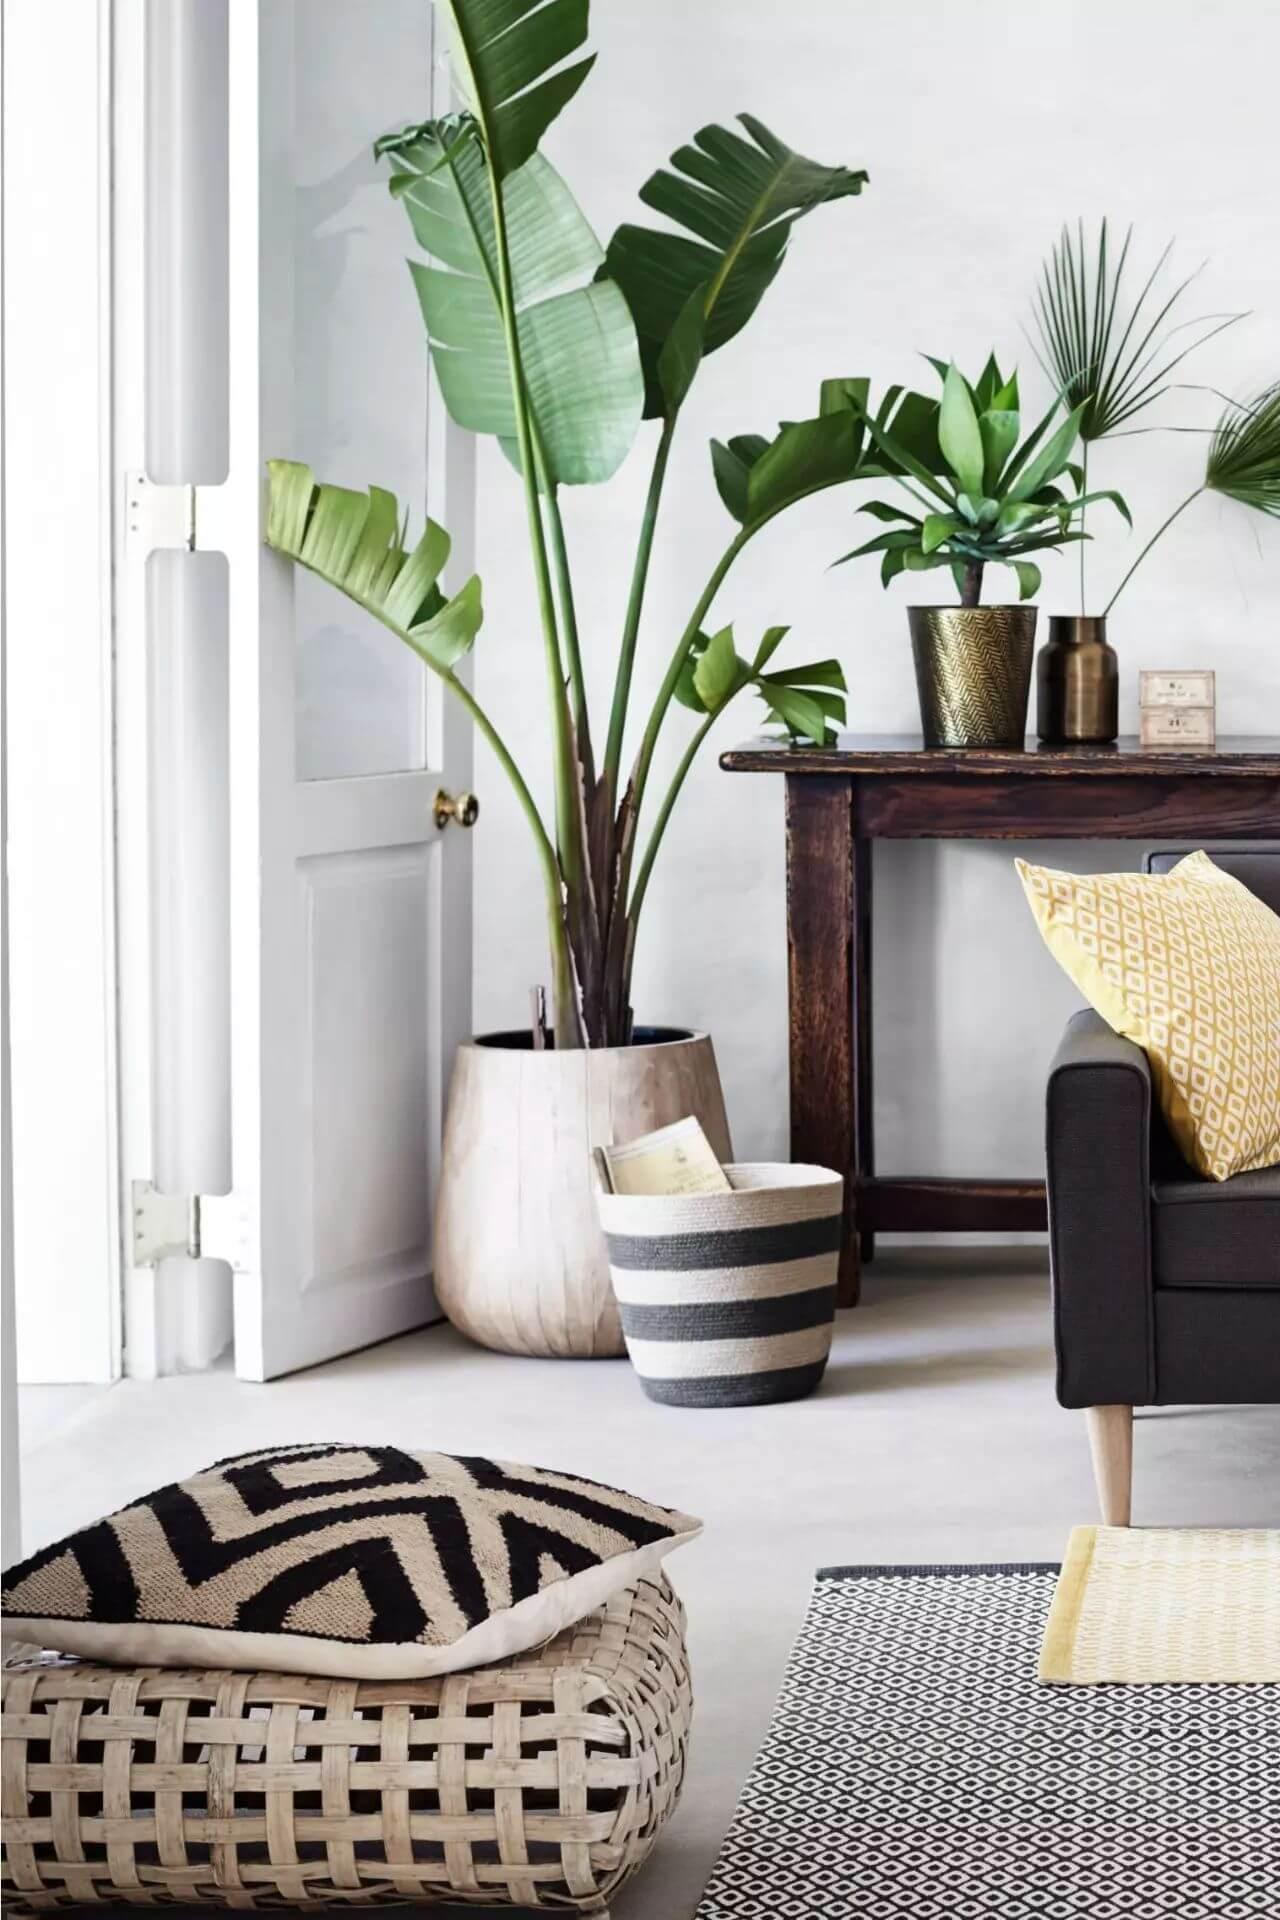 Sala moderna com vaso grande e móveis de madeira